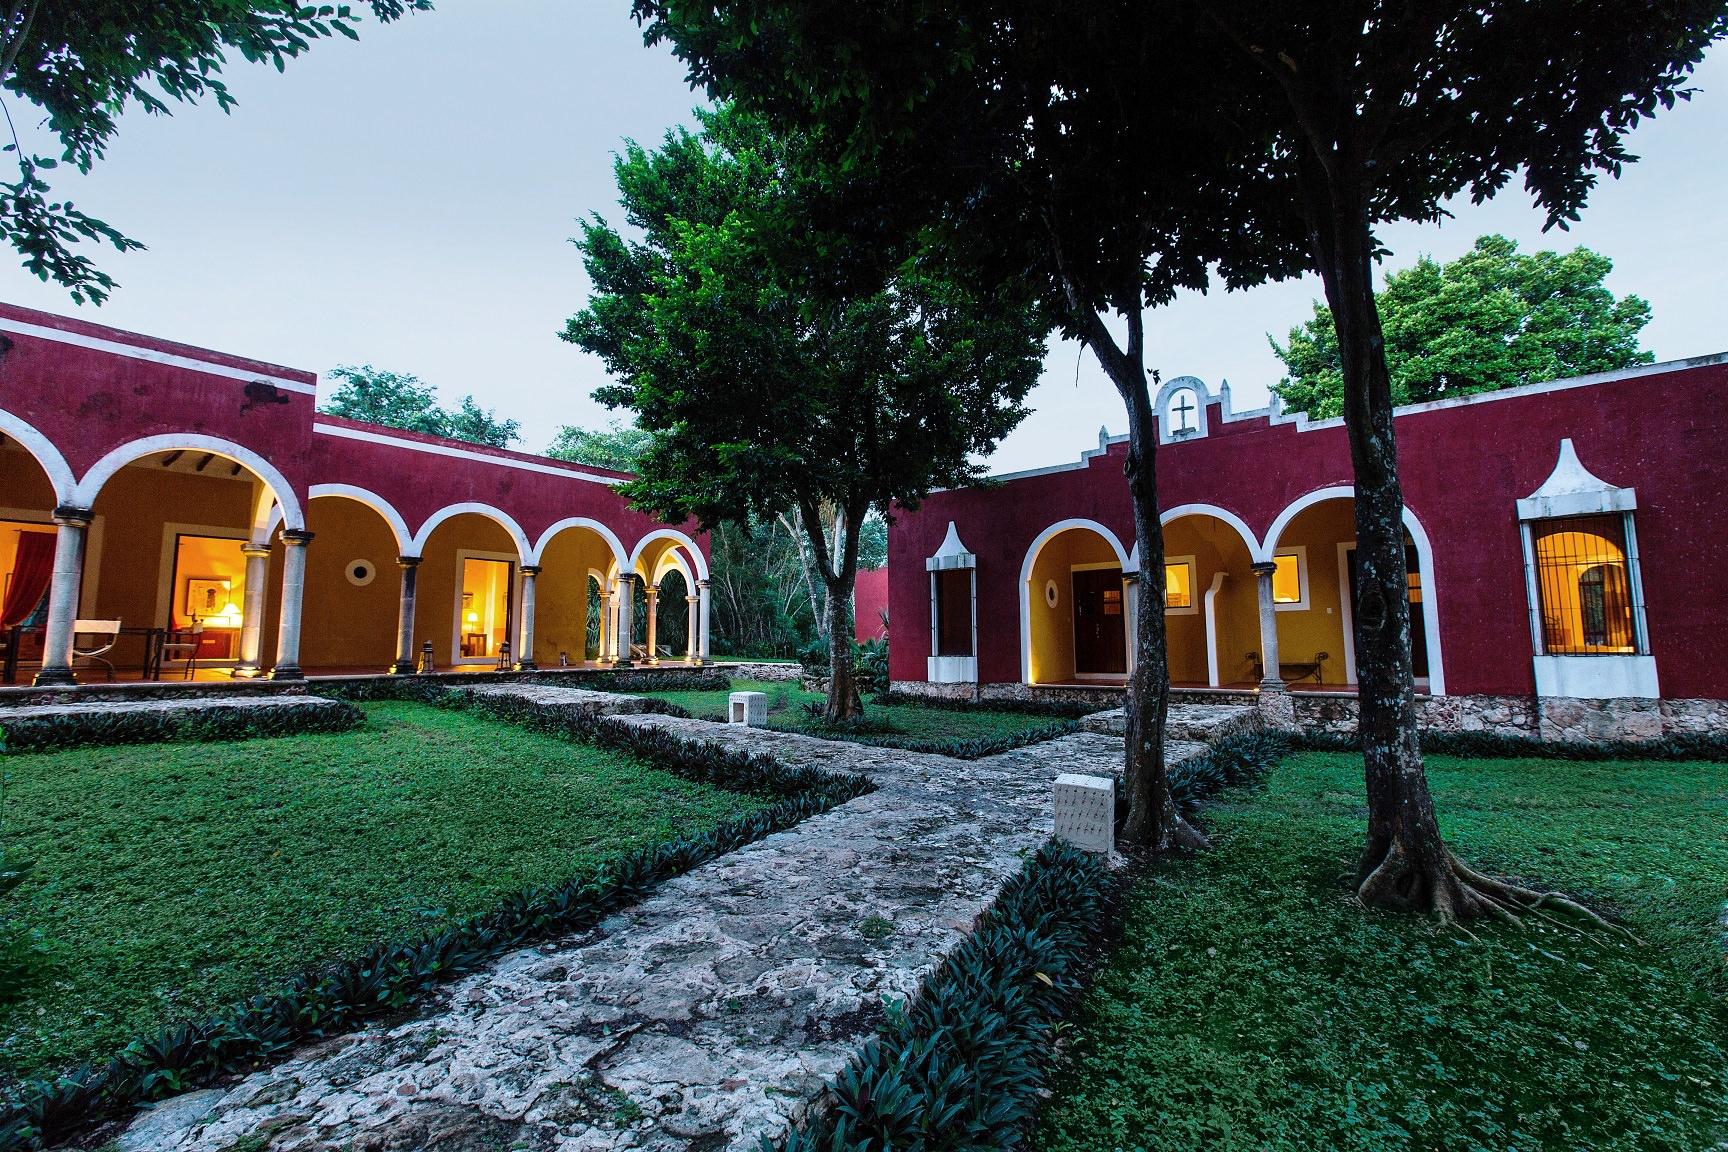 À proximité des sites archéologiques d'Aké,de Chichén Itzá, d'Uxmal, de Dzibilchaltún, d'Ek Balam et de Mayapán (cités maya antiques et précolombiennes), ou les Cenotes de Cuzamá(puits ou gouffres qui passaient pour être sacrés aux yeux des Mayas), et des villes comme Mérida, Celestún et Campeche, l'Hôtel Hacienda Ticum offre une expérience et une ambiance uniques, sans doute du fait de son histoire sans équivalent.